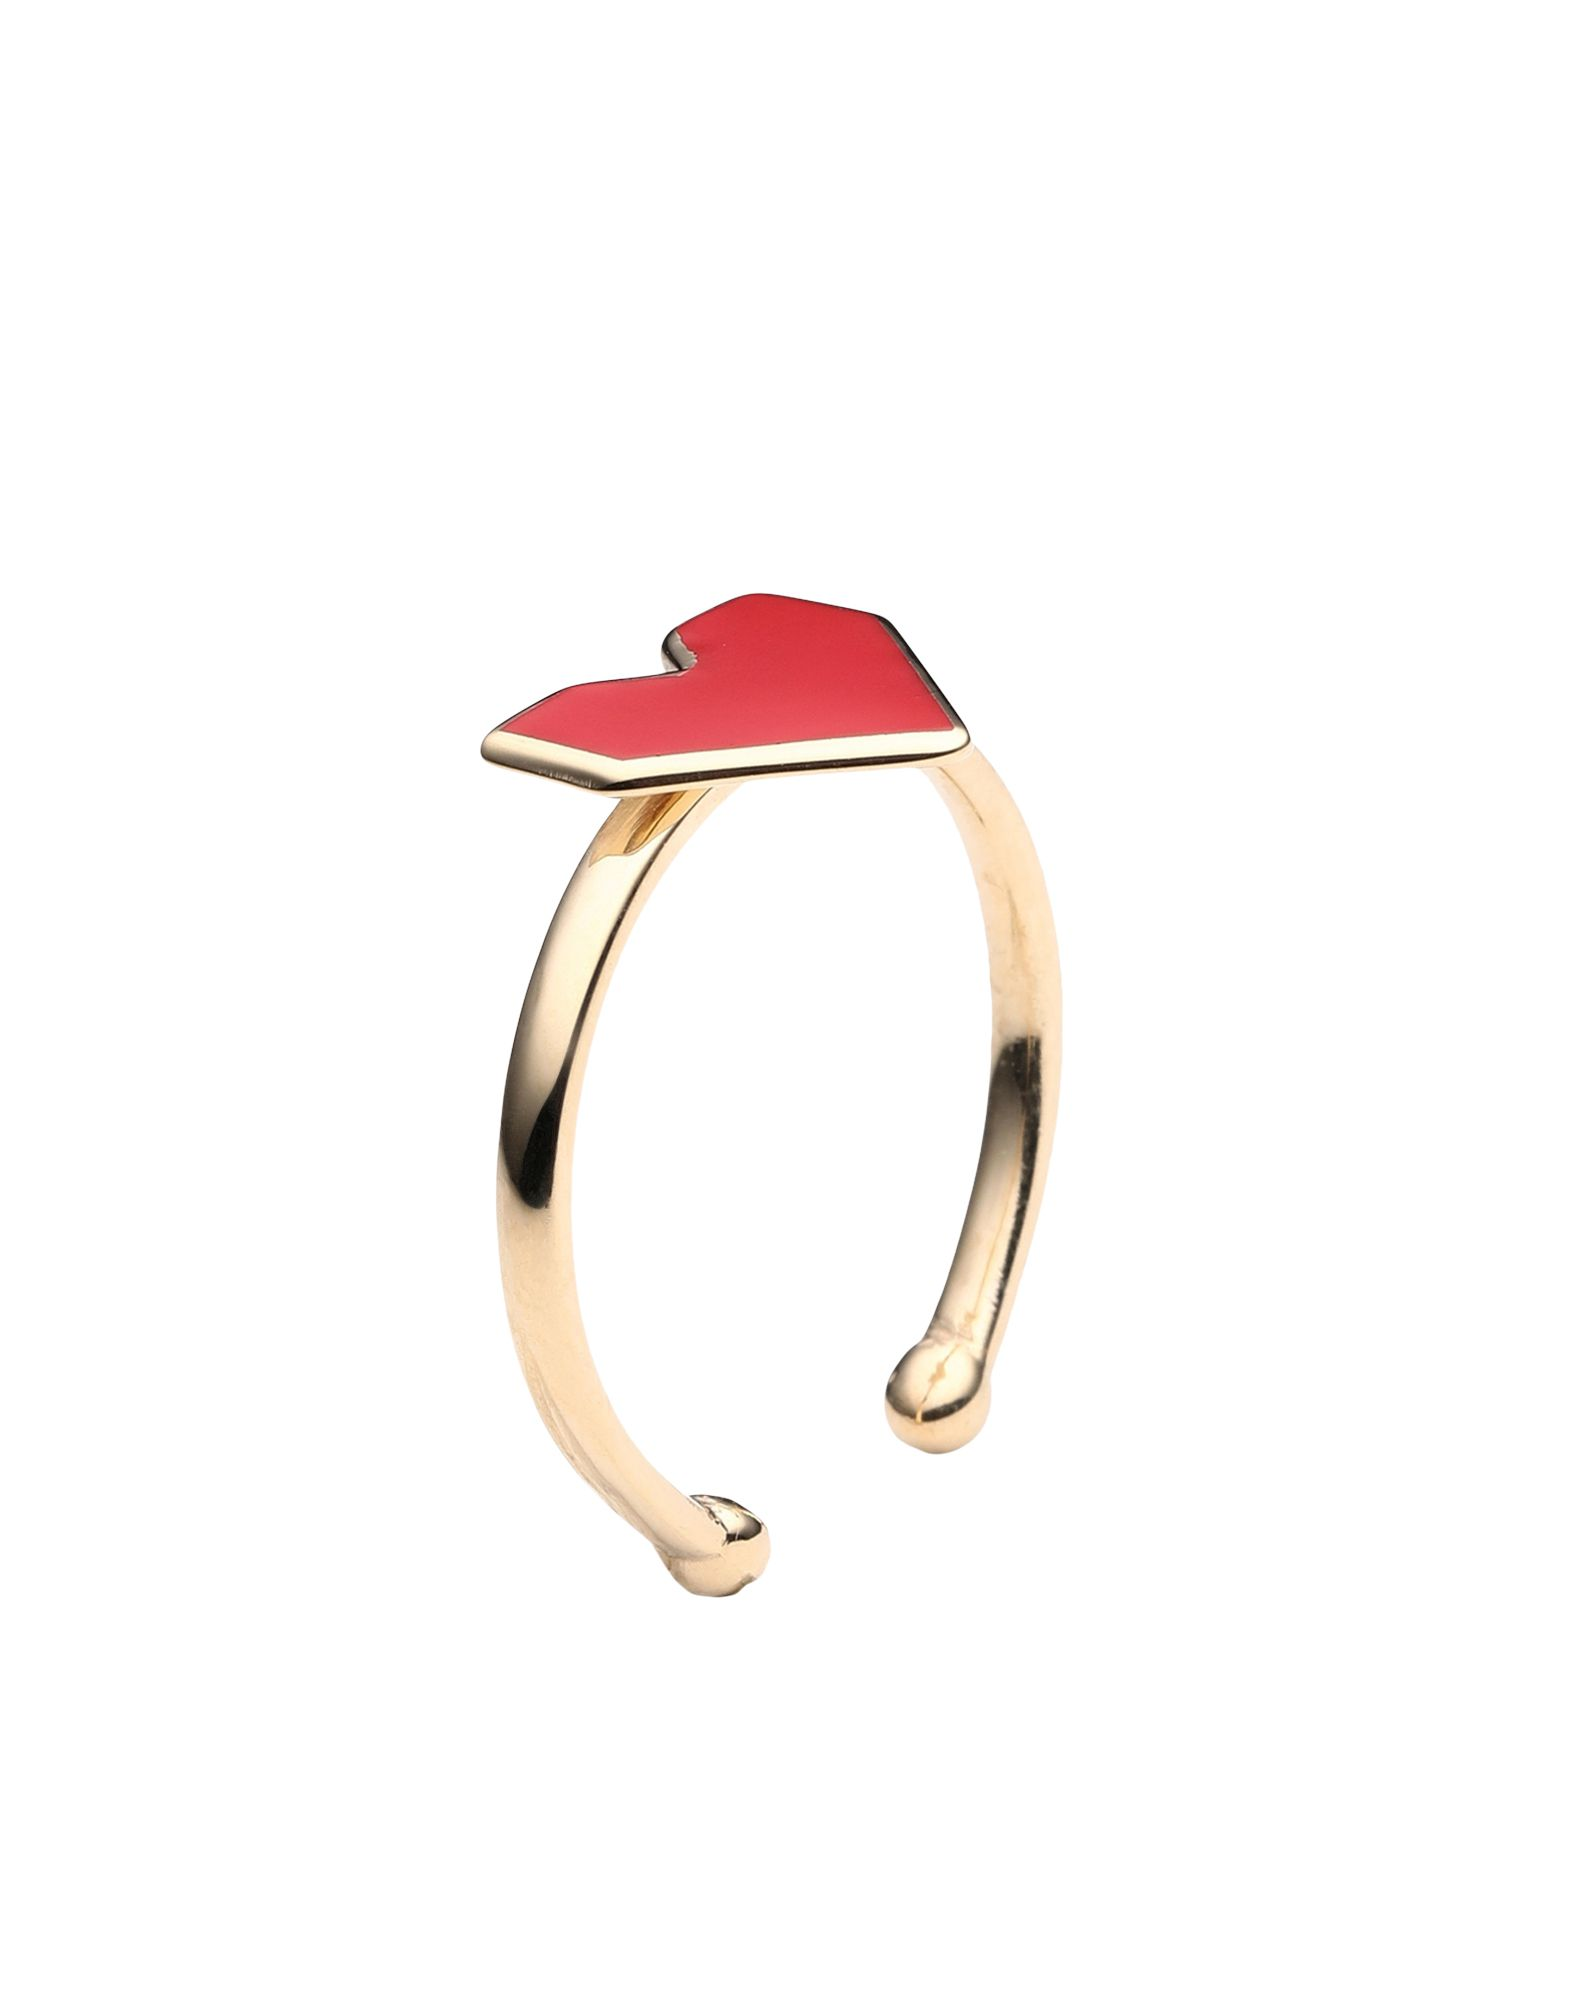 《セール開催中》FIRST PEOPLE FIRST レディース 指輪 レッド one size シルバー925/1000 / エナメル ANELLO CUORE ROSSO